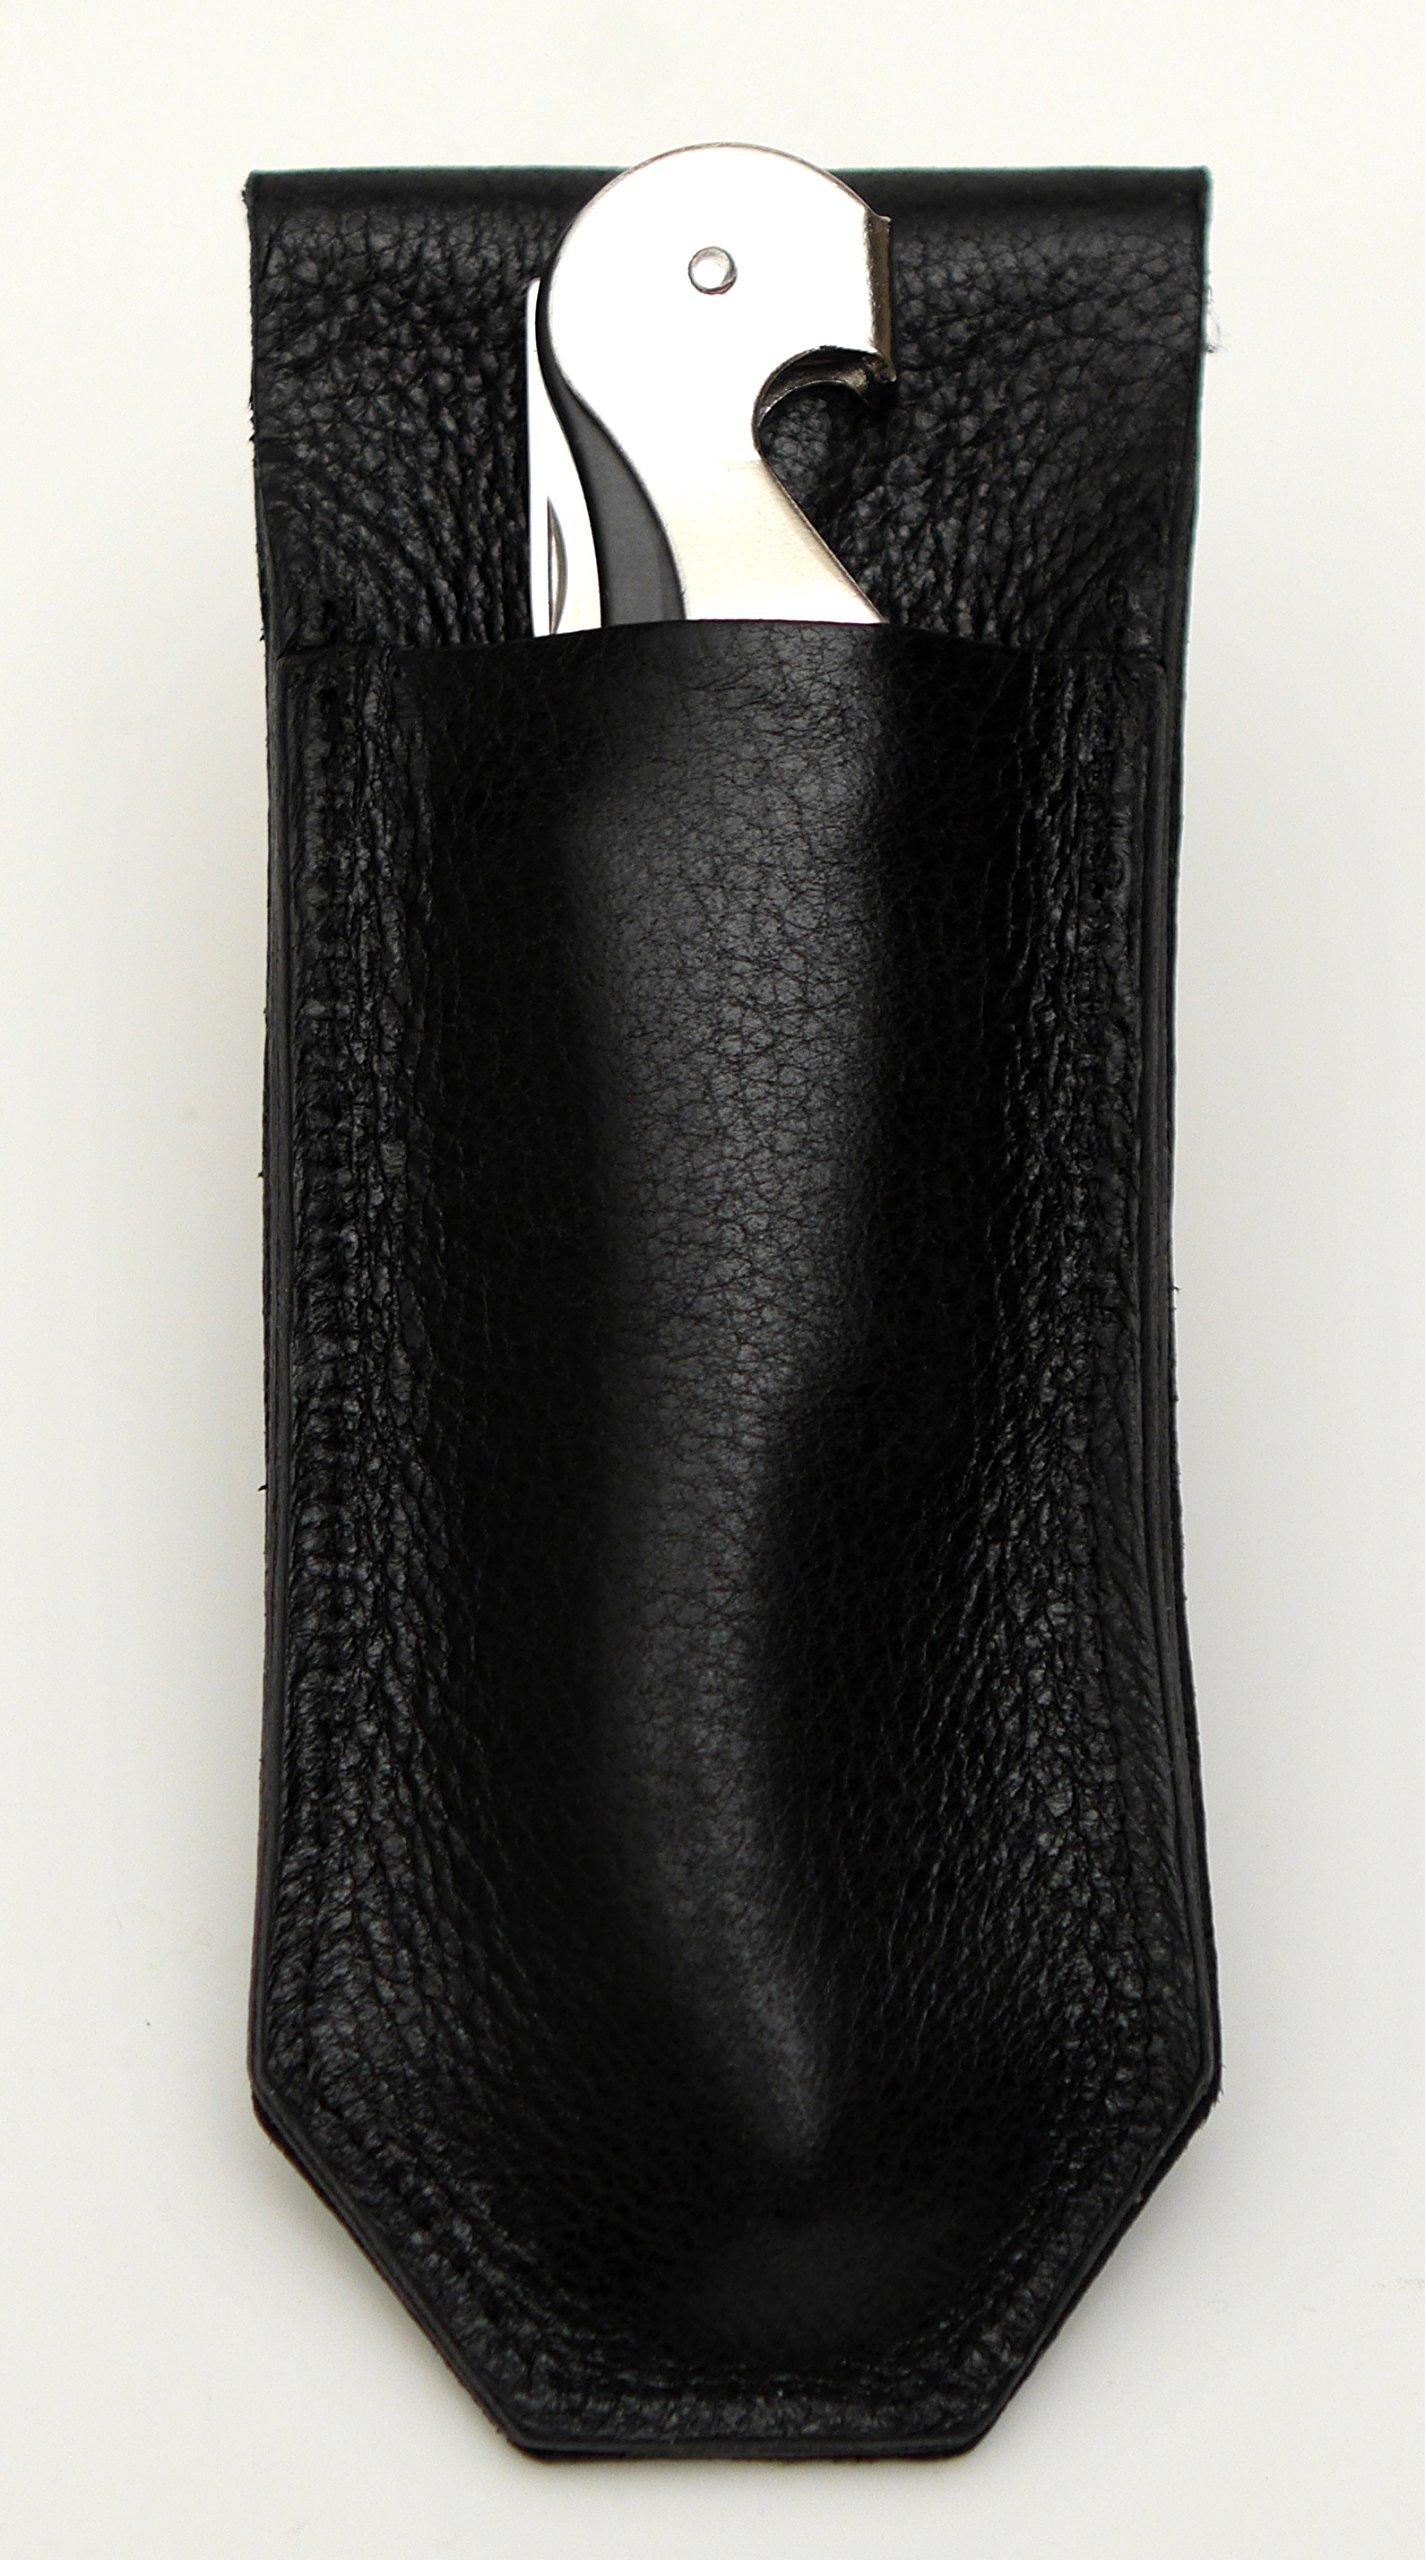 The Somm Holster - Magnetic Corkscrew Holster (Black) with Pulltap's Corkscrew